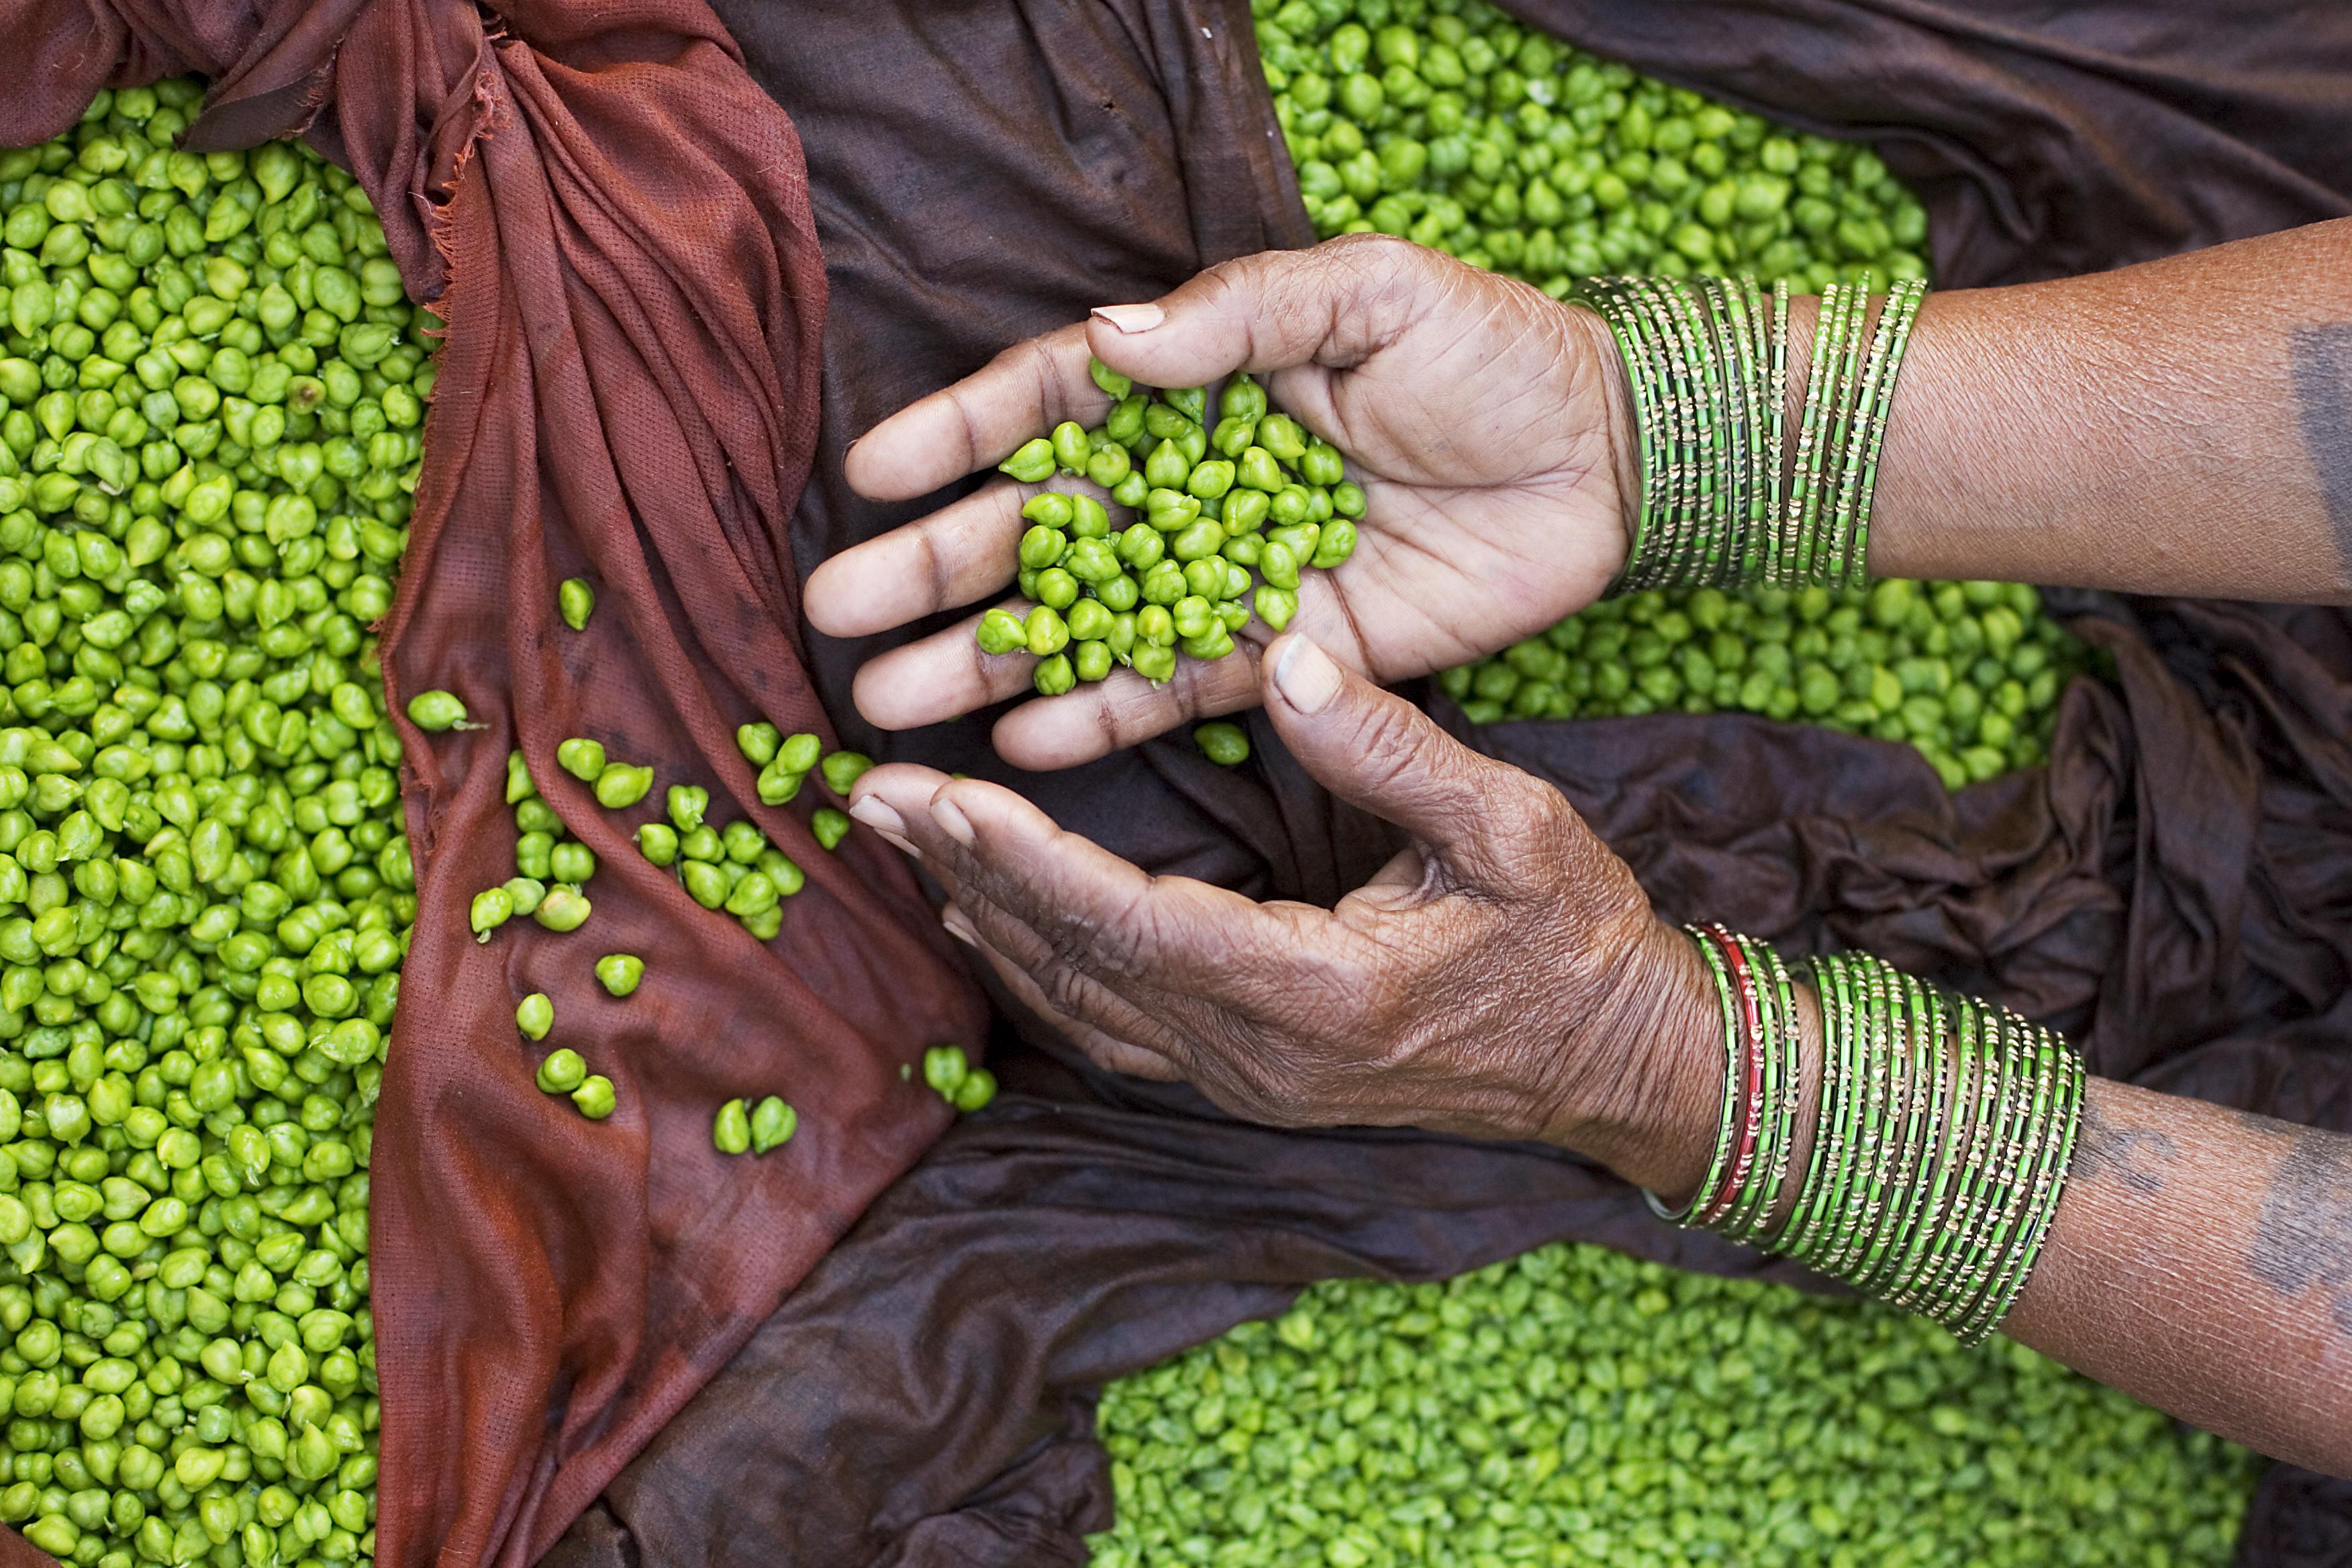 Bengal gram: Rabi harvesting season